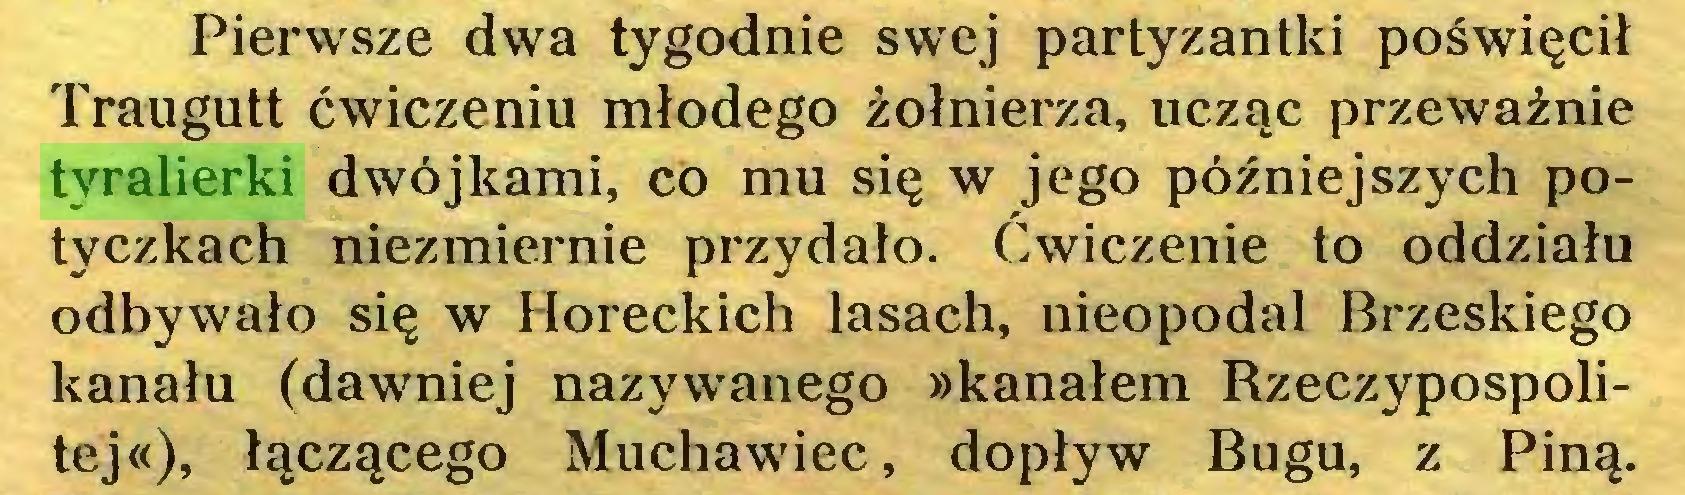 (...) Pierwsze dwa tygodnie swej partyzantki poświęcił Traugutt ćwiczeniu młodego żołnierza, ucząc przeważnie tyralierki dwójkami, co mu się w jego późniejszych potyczkach niezmiernie przydało. Ćwiczenie to oddziału odbywało się w Horeckich lasach, nieopodal Brzeskiego kanału (dawniej nazywanego »kanałem Rzeczypospolitej«), łączącego Muchawiec, dopływ Bugu, z Piną...